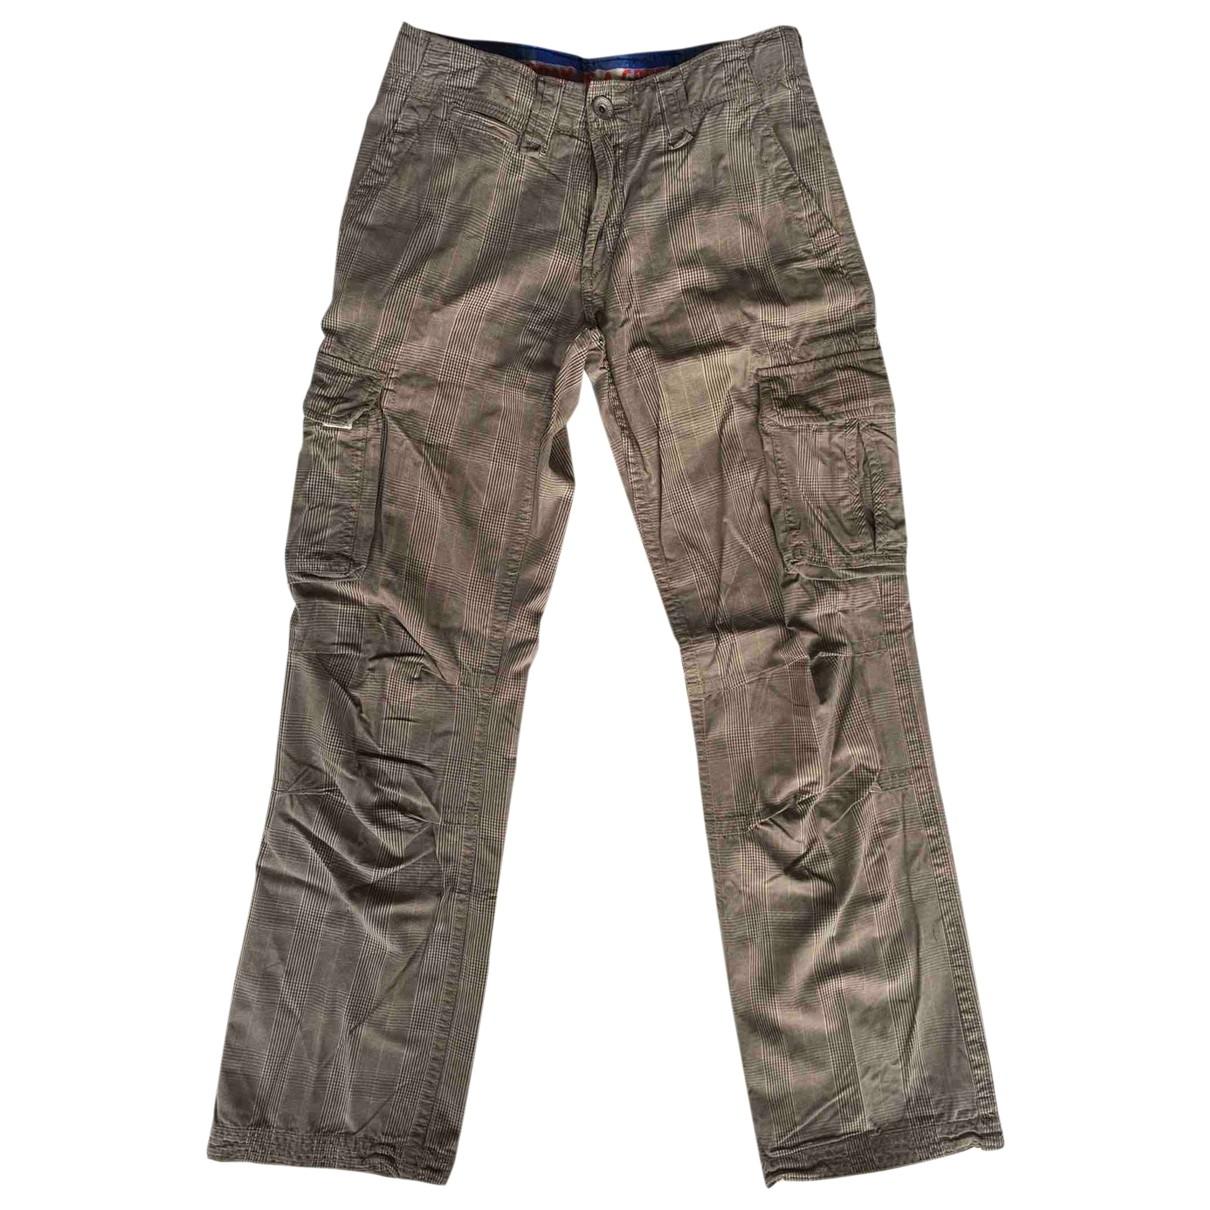 Pantalones en Algodon Multicolor Scotch & Soda